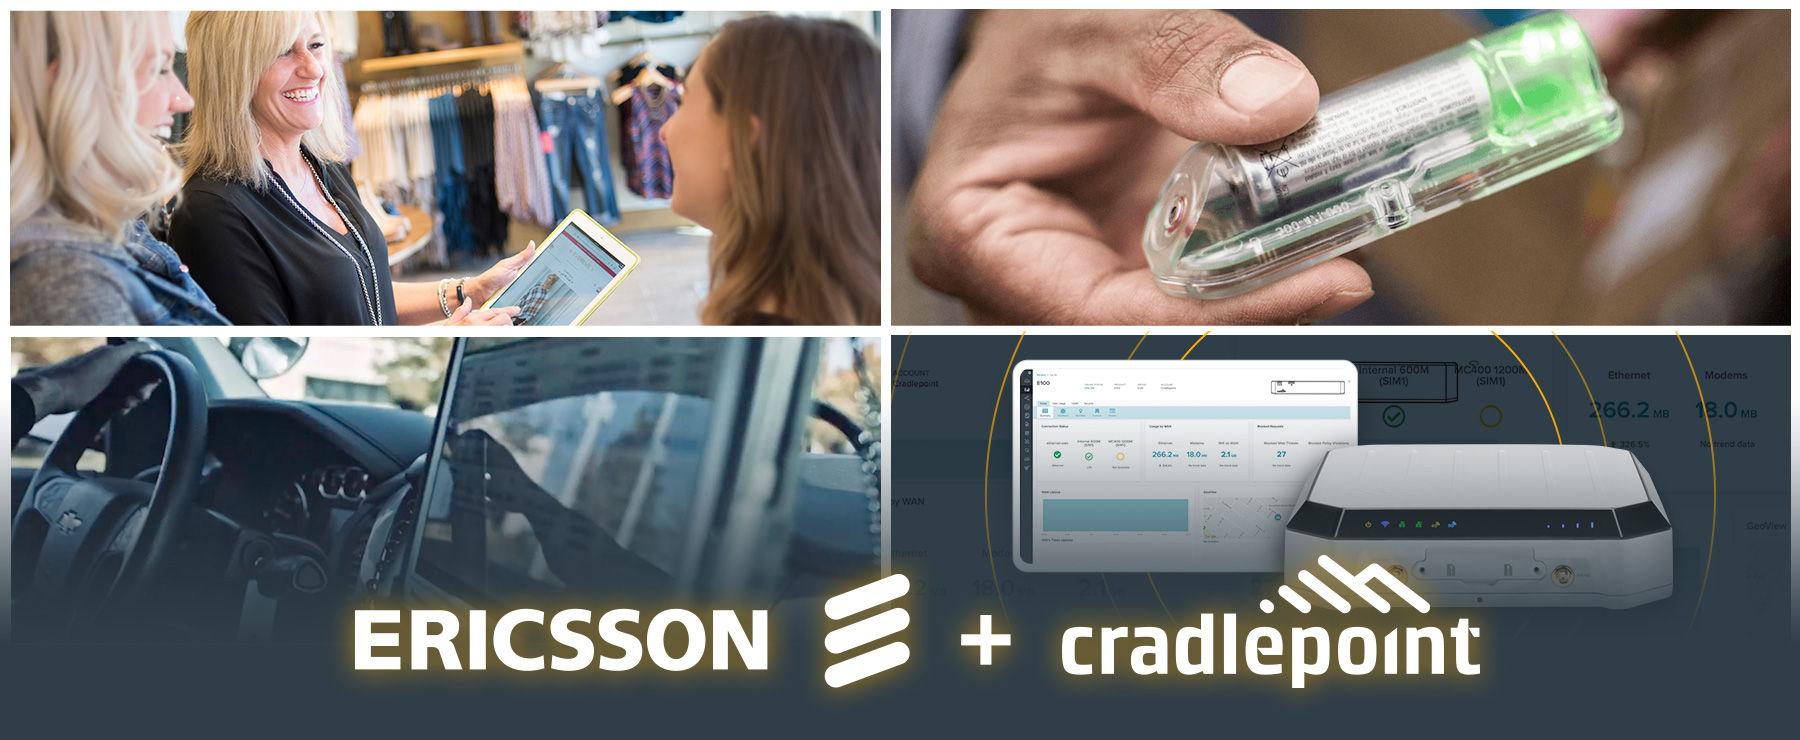 Ericsson Cradlepoint